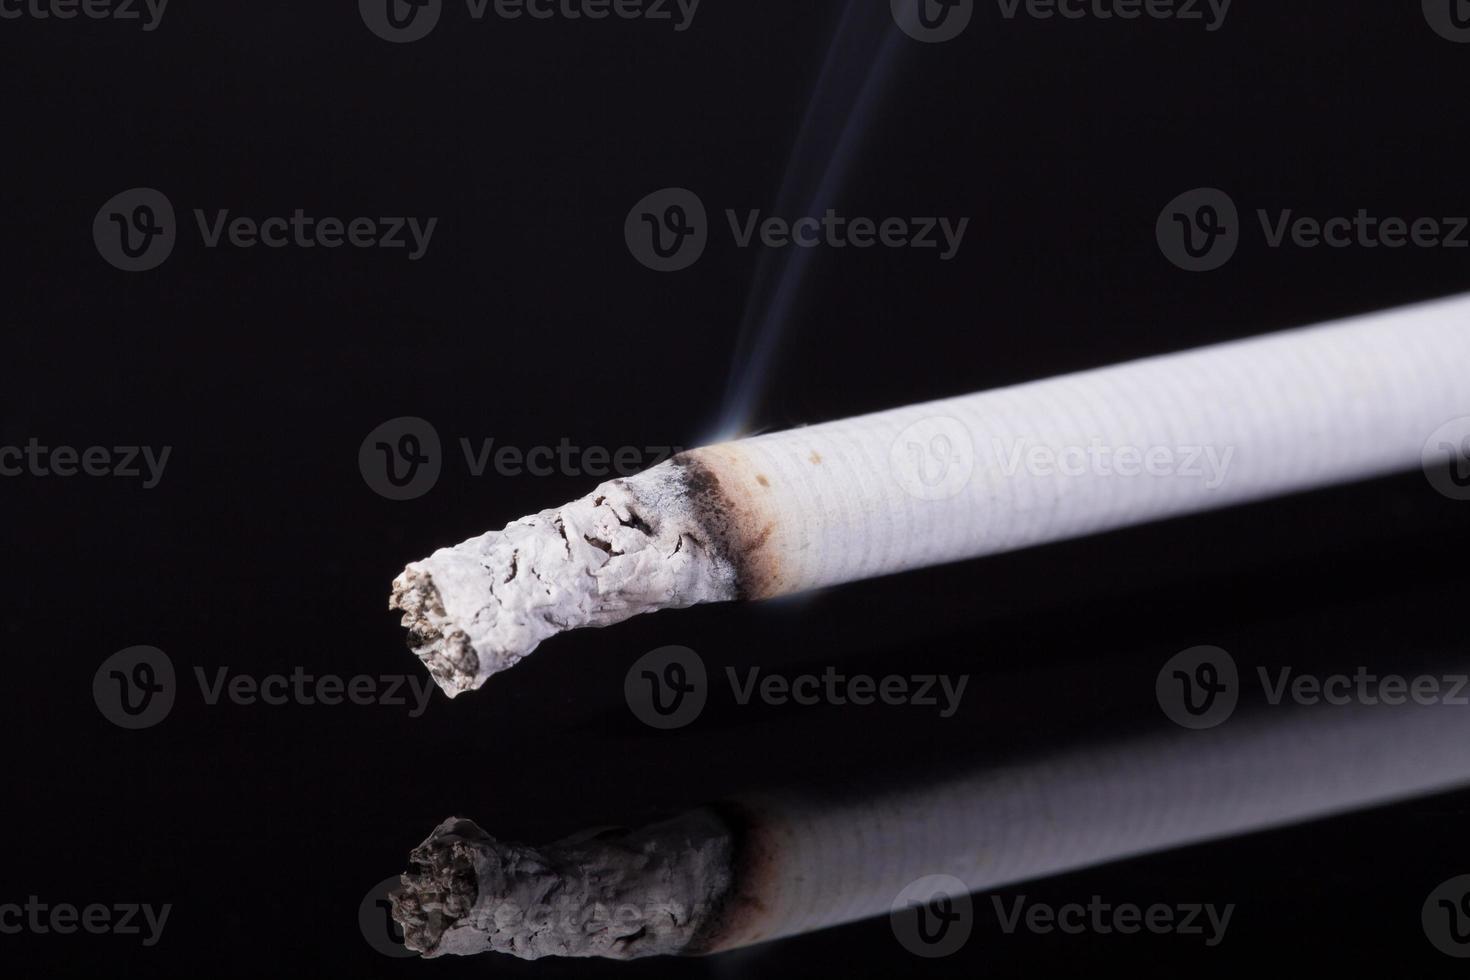 tänd enda cigarett med rök på svart bakgrund foto